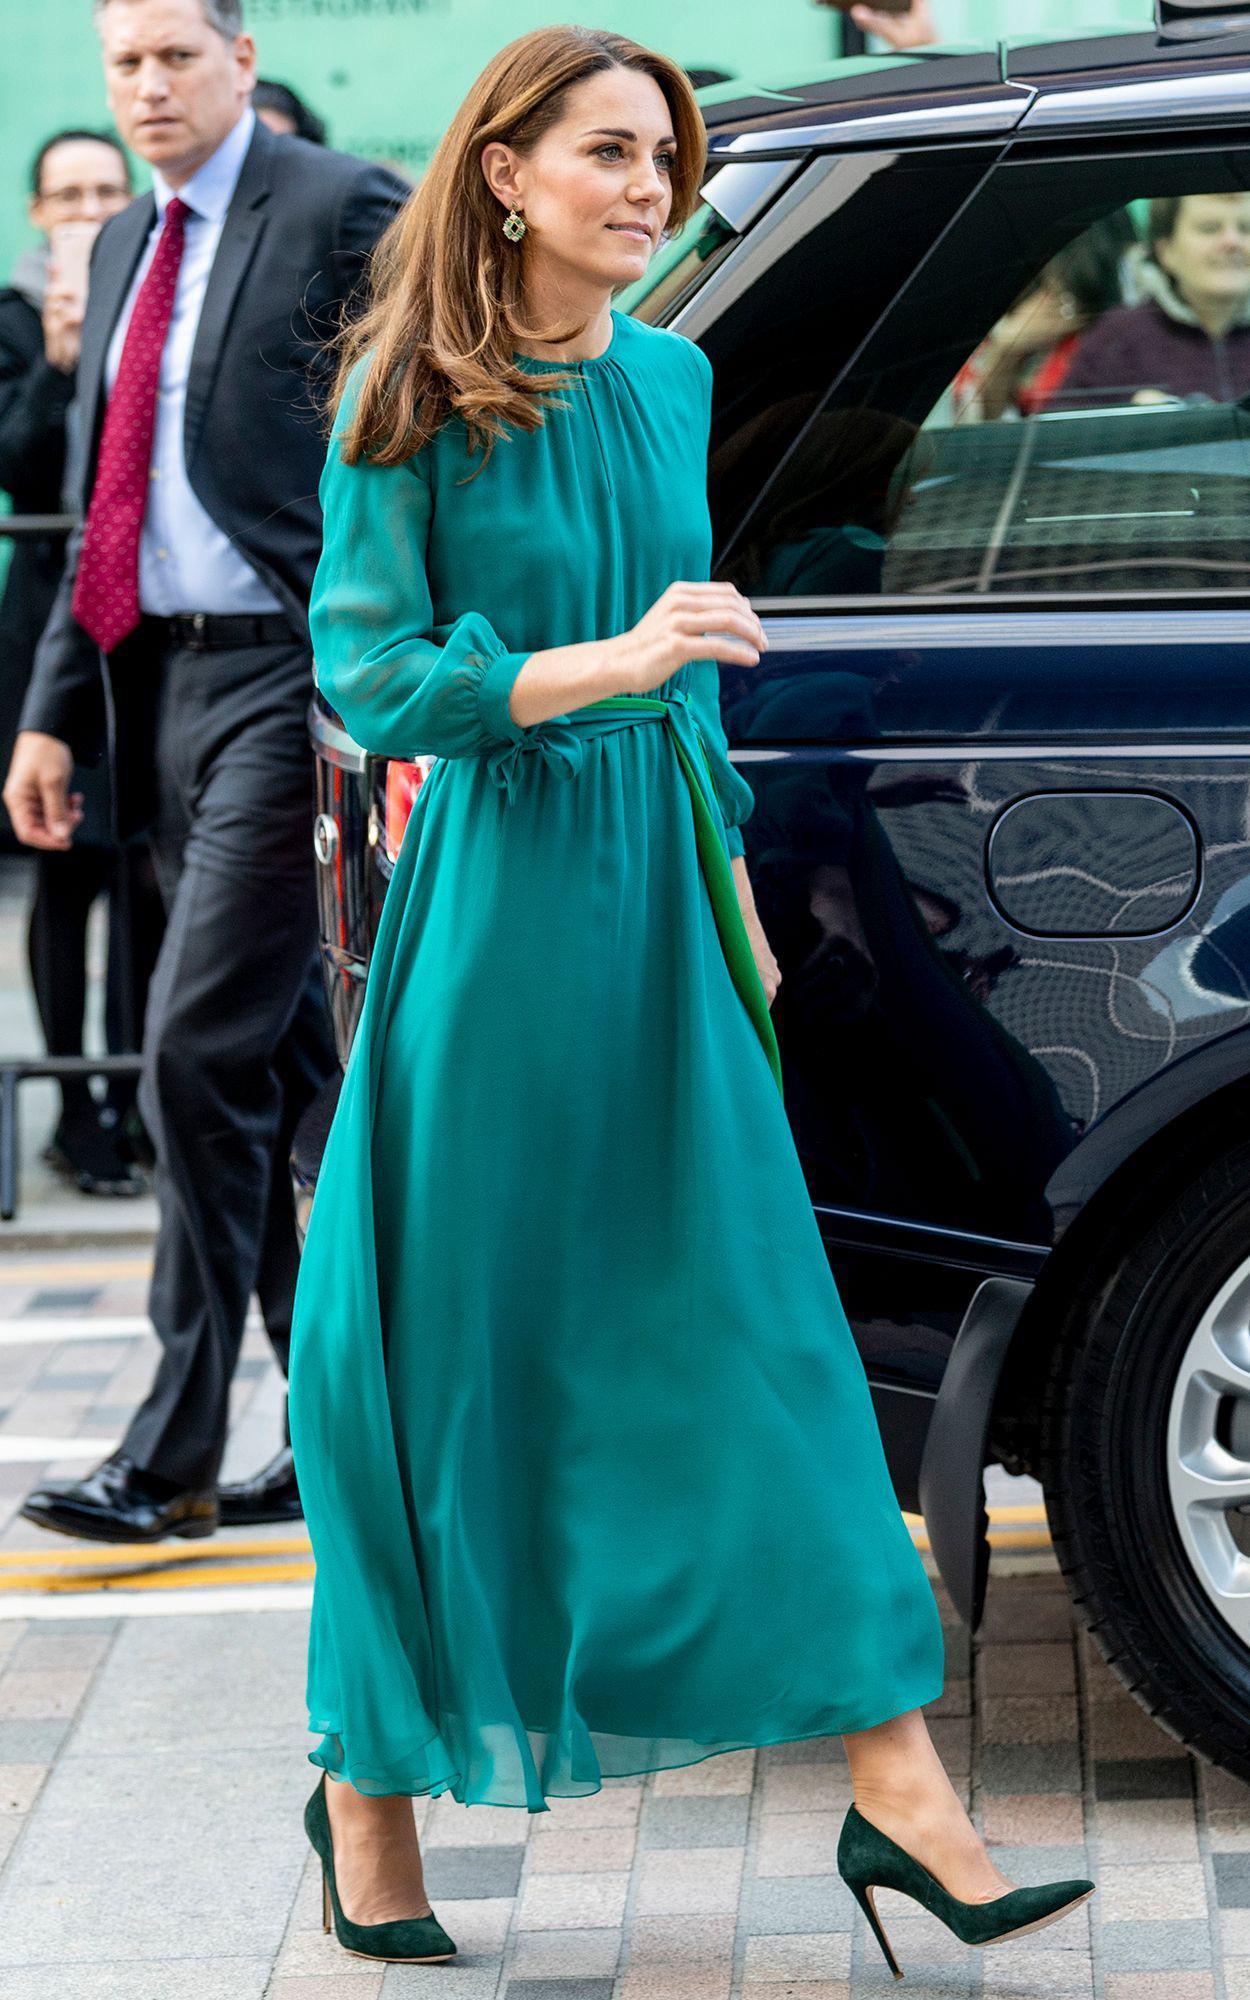 Mùa Hè chăm diện váy vóc, học theo Công nương Kate cách chọn giày với váy thì style của các chị em còn thăng điểm vài phần Ảnh 5